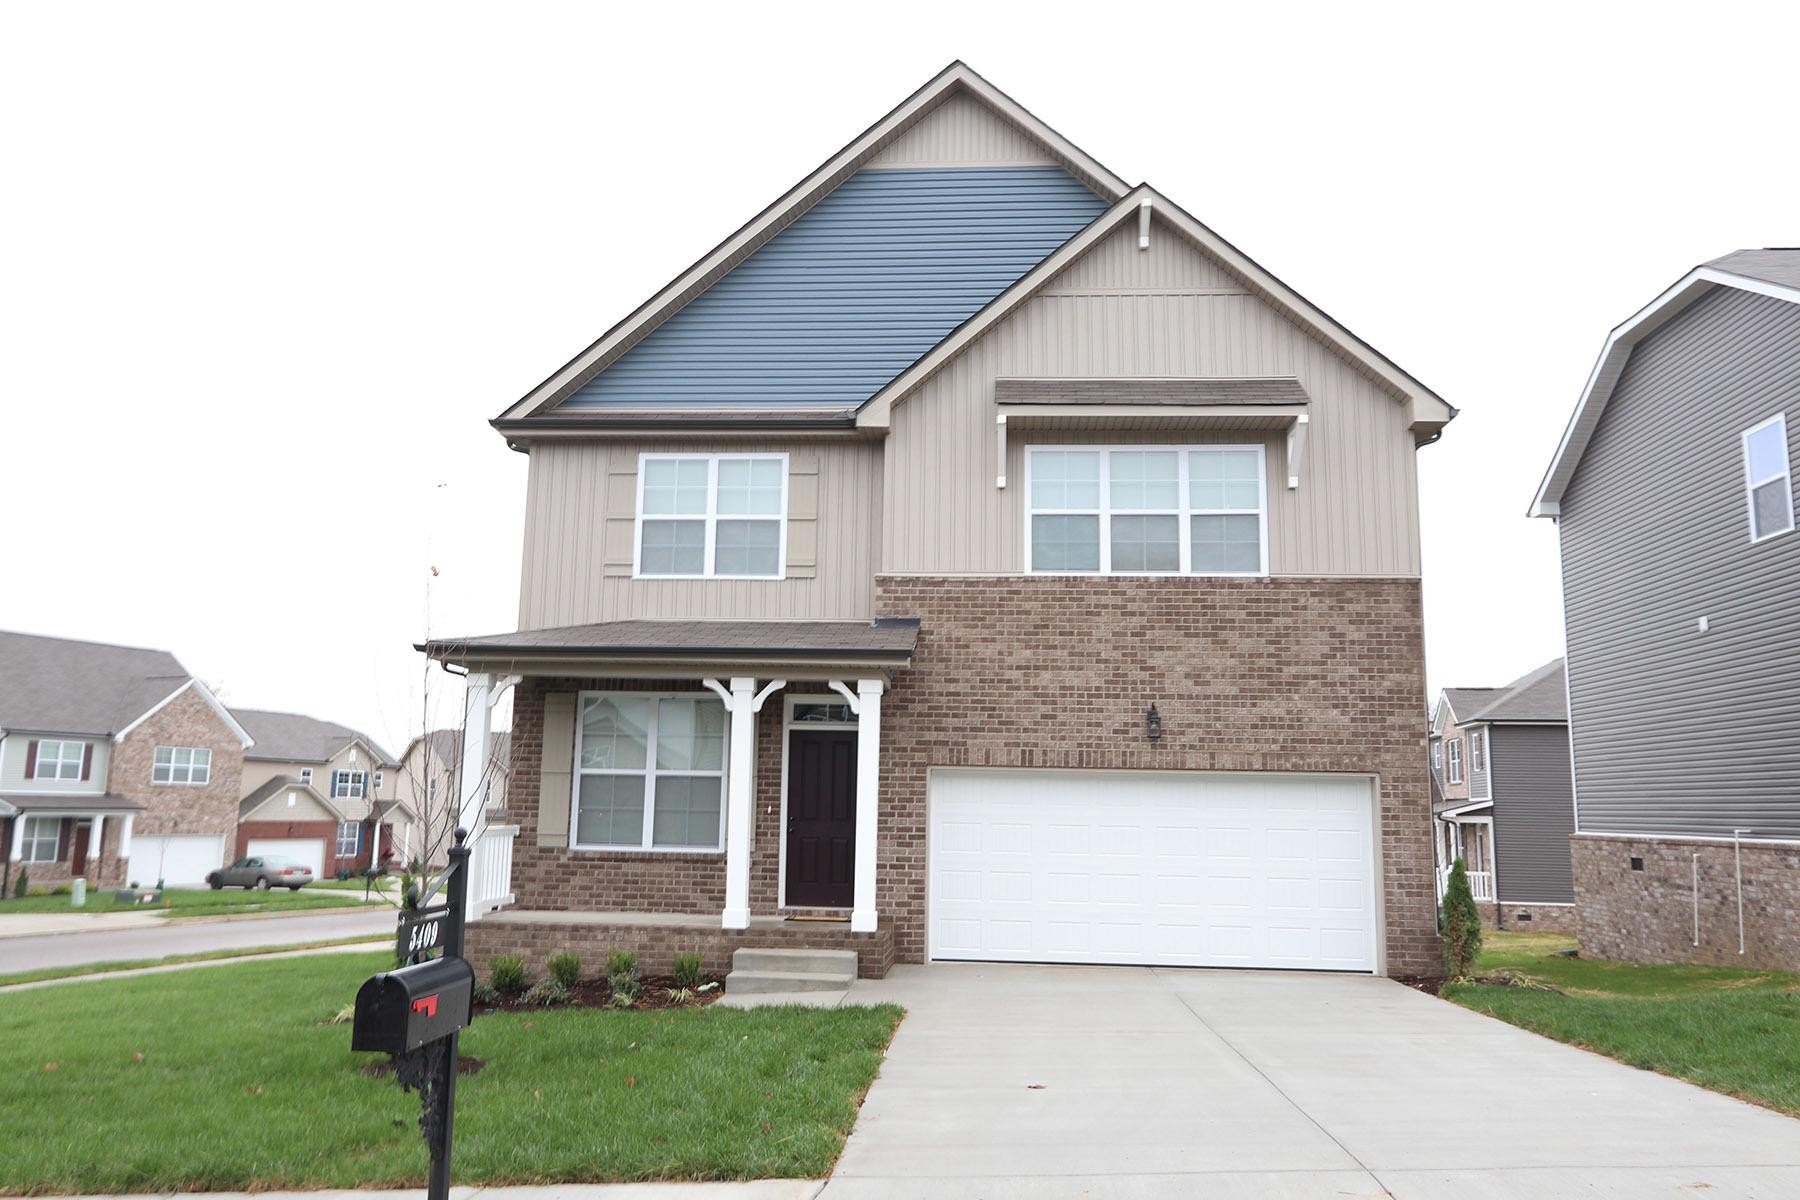 808 Carnation Drive Lot 125, Smyrna, TN 37167 - Smyrna, TN real estate listing